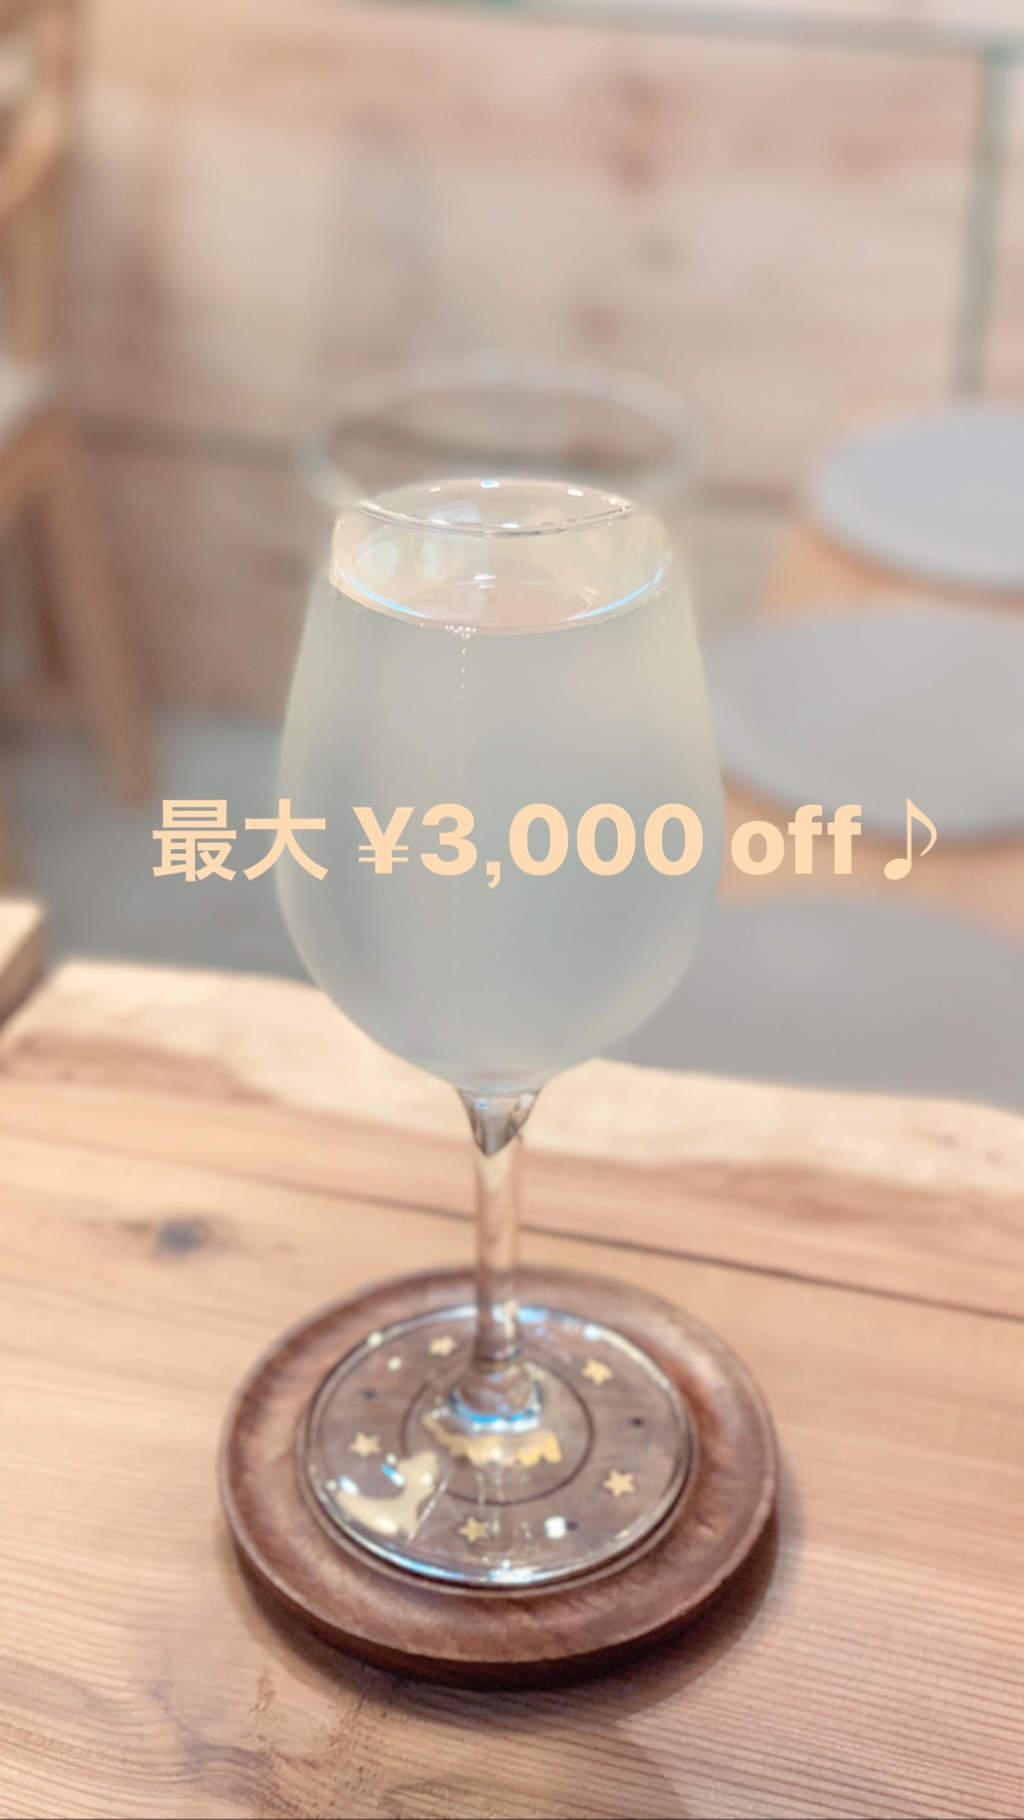 LINE@の抽選にご当選した方へ⭐️ 最大¥3,000offになるこの機会をお見逃しなくっ!